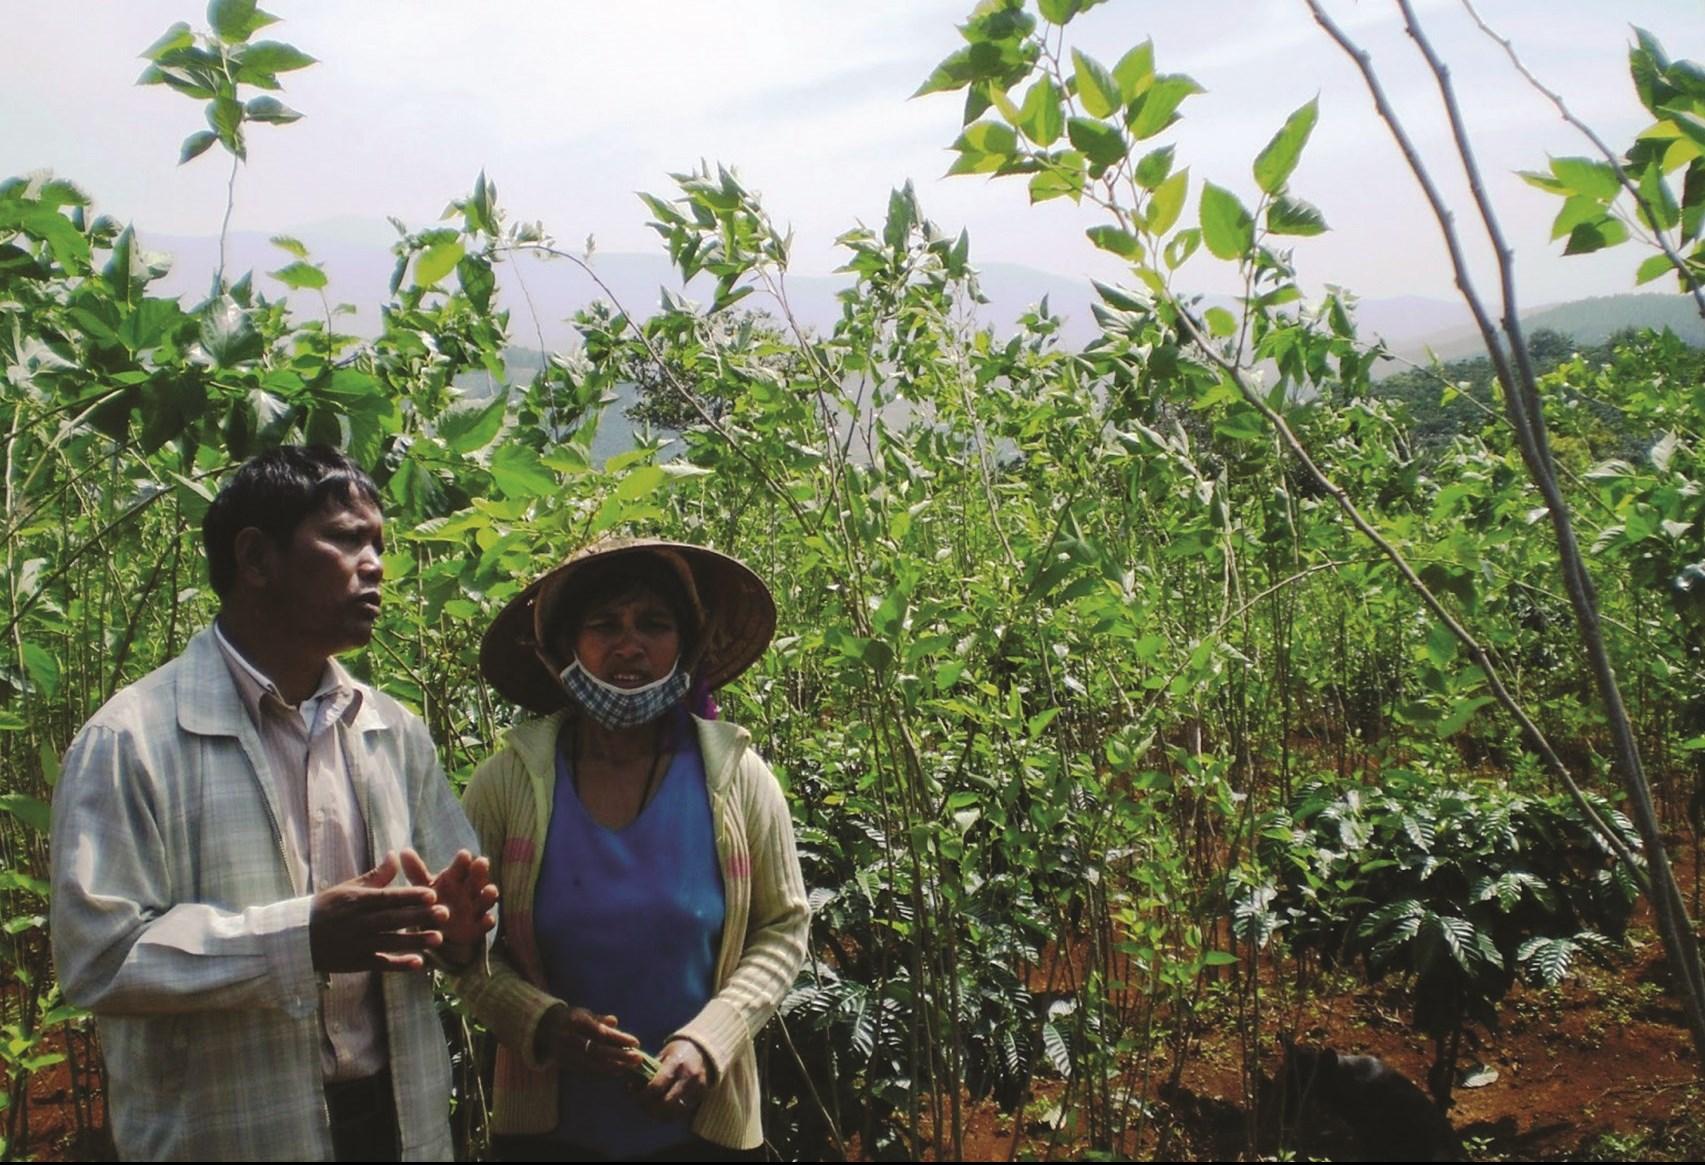 Nhiều hộ đồng bào DTTS ở Đam Rông thoát nghèo nhờ mô hình trồng dâu nuôi tằm